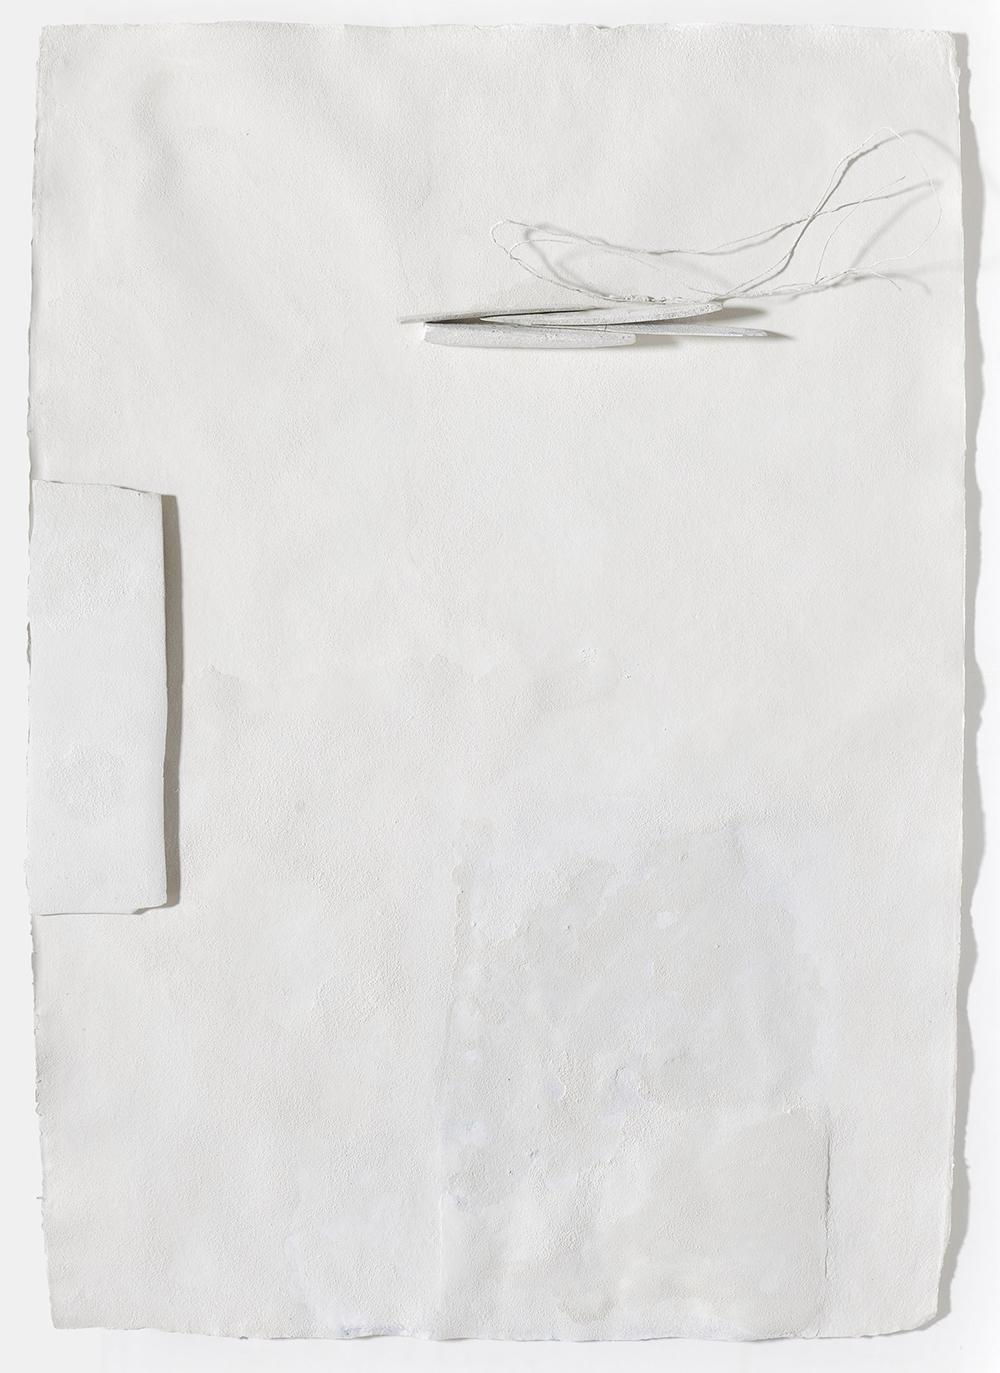 Museo ideale, 2011, tecnica mista su carta, cm 134x94